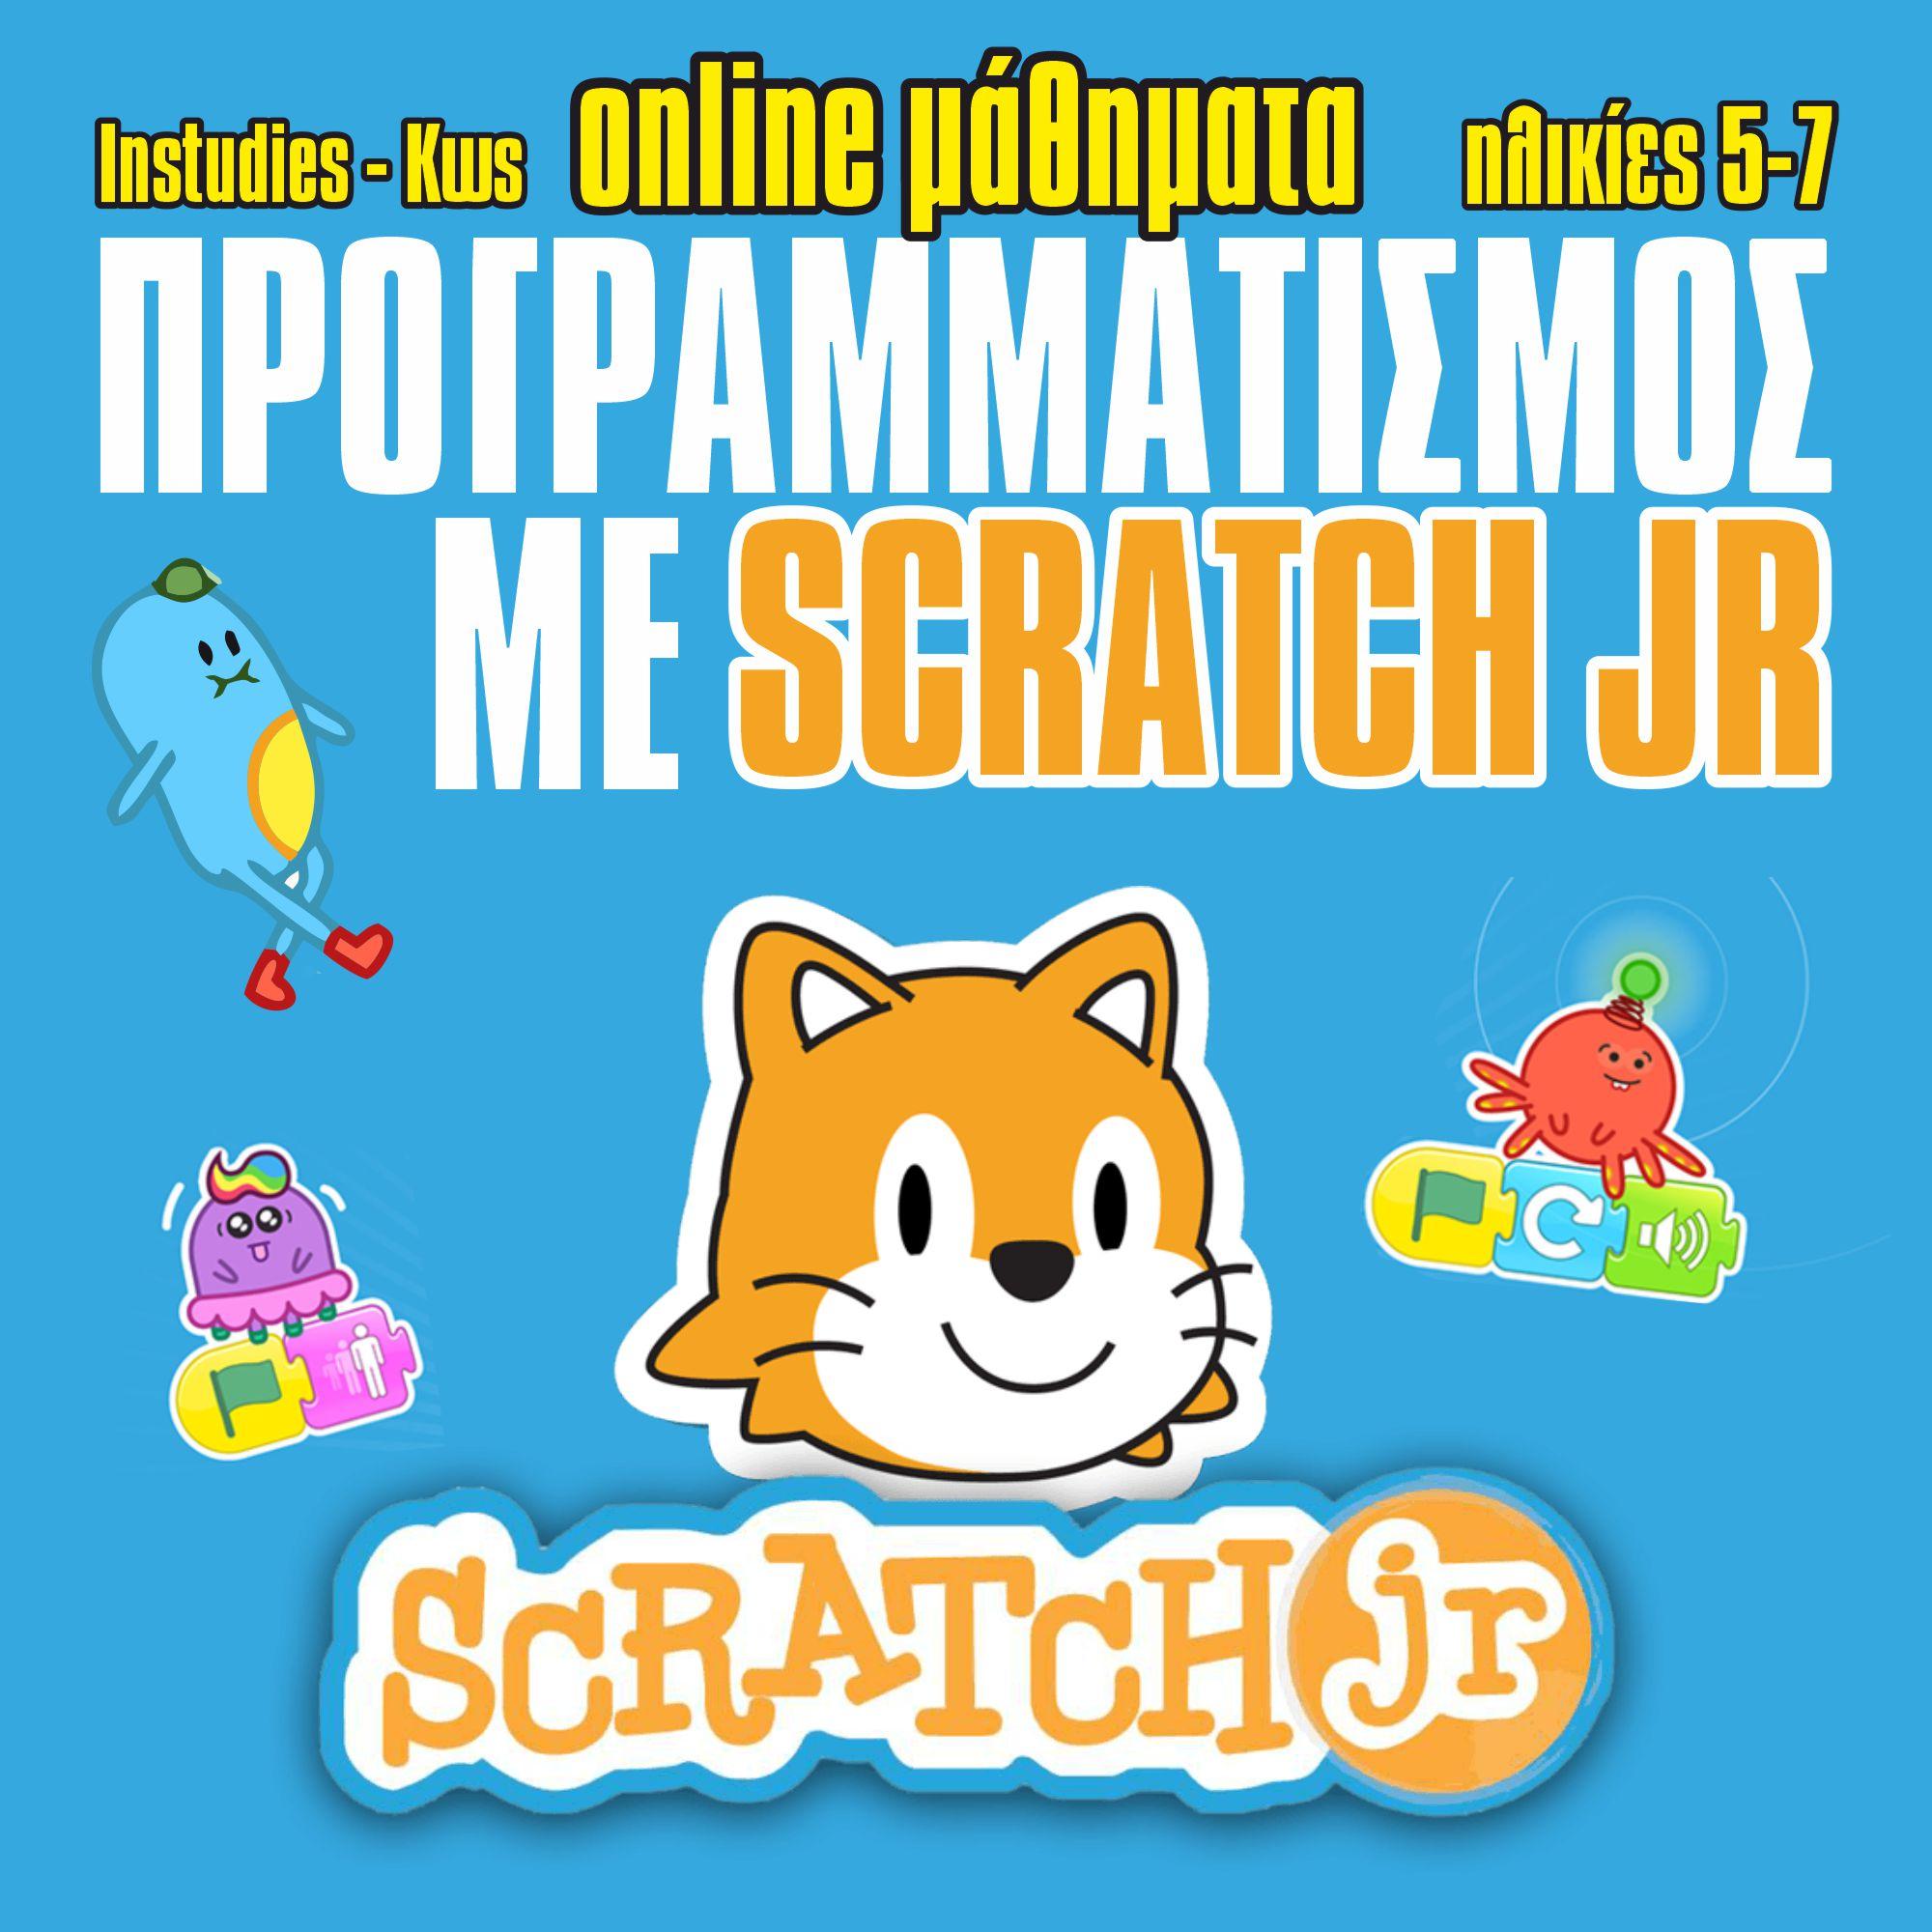 Προγραμματισμός με Scratch jr